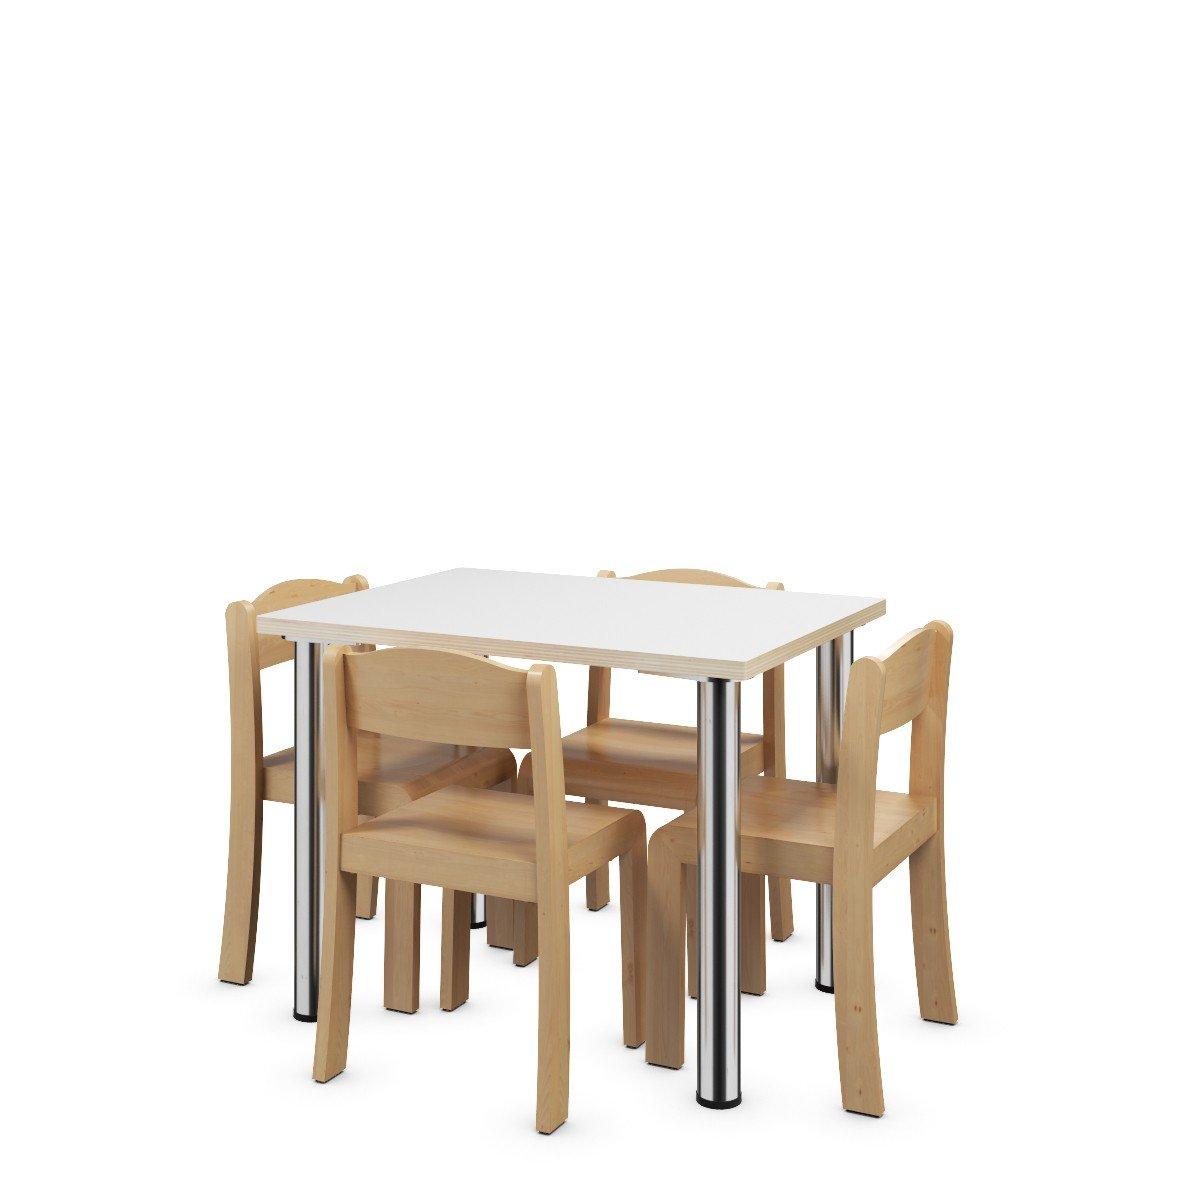 Tisch und 4 Stühle aus Holz für Kinder günstig kaufen